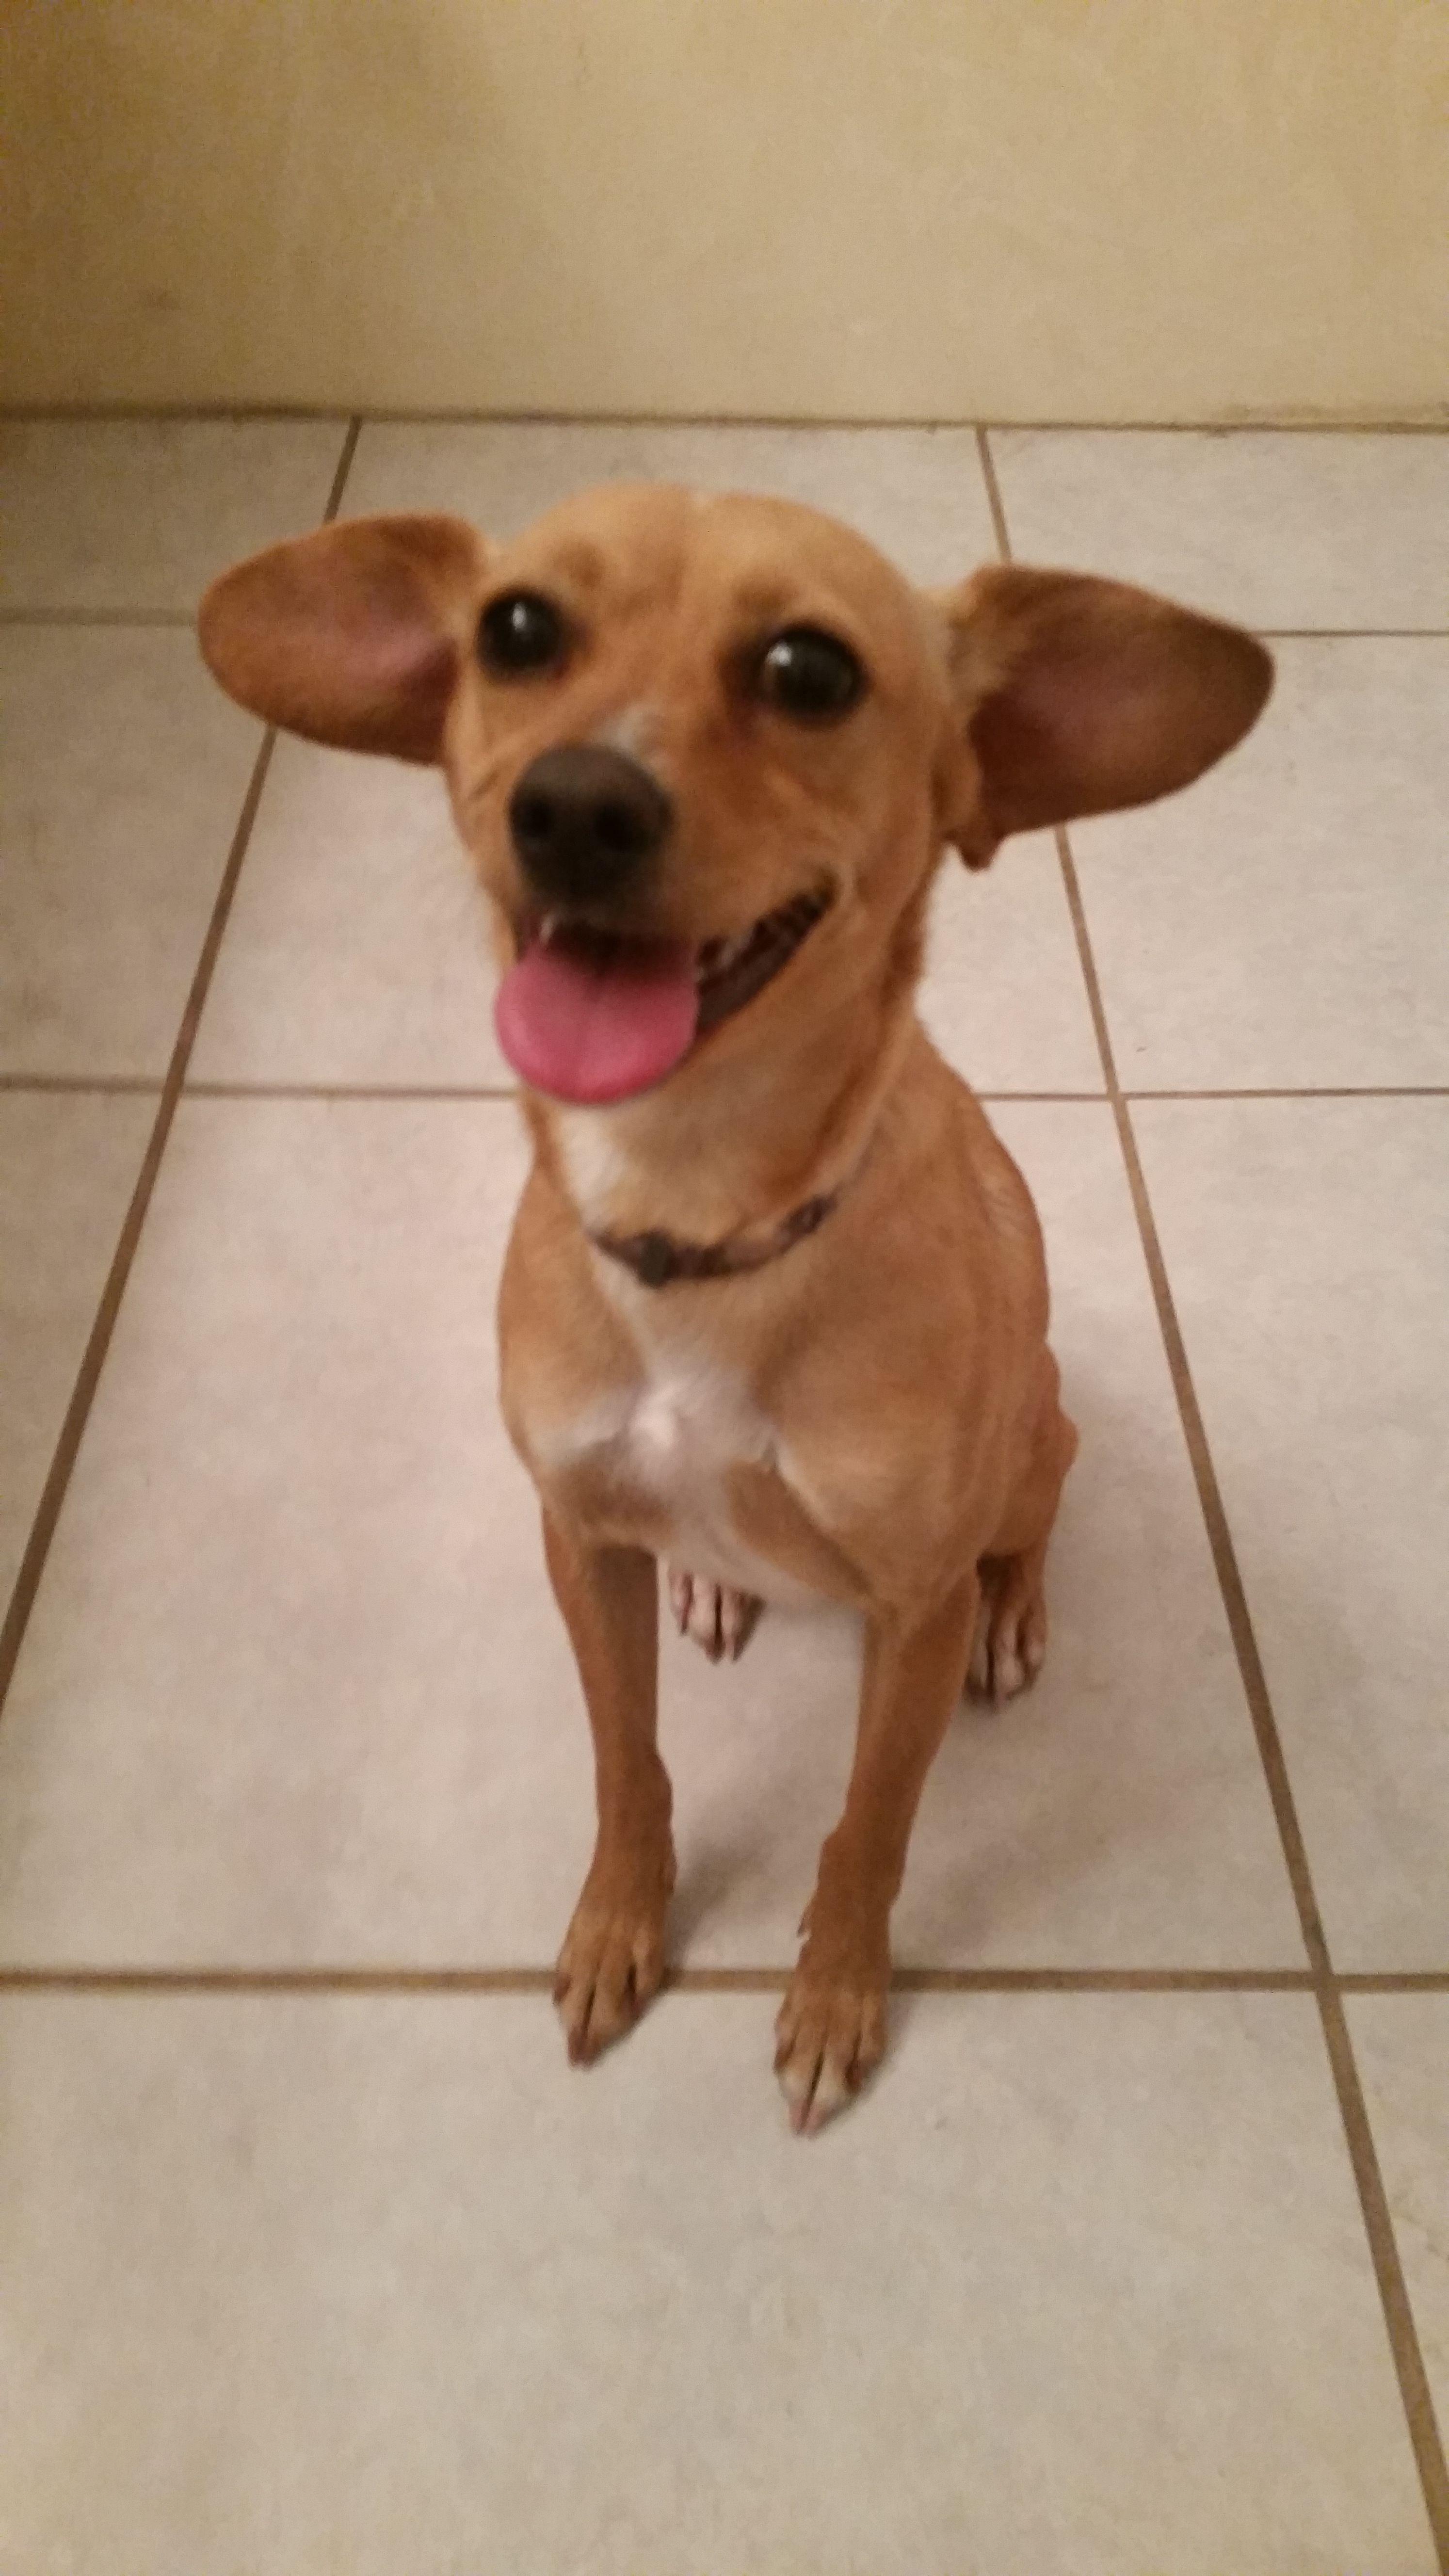 Chiweenie Dog For Adoption In Orlando Fl Adn 450311 On